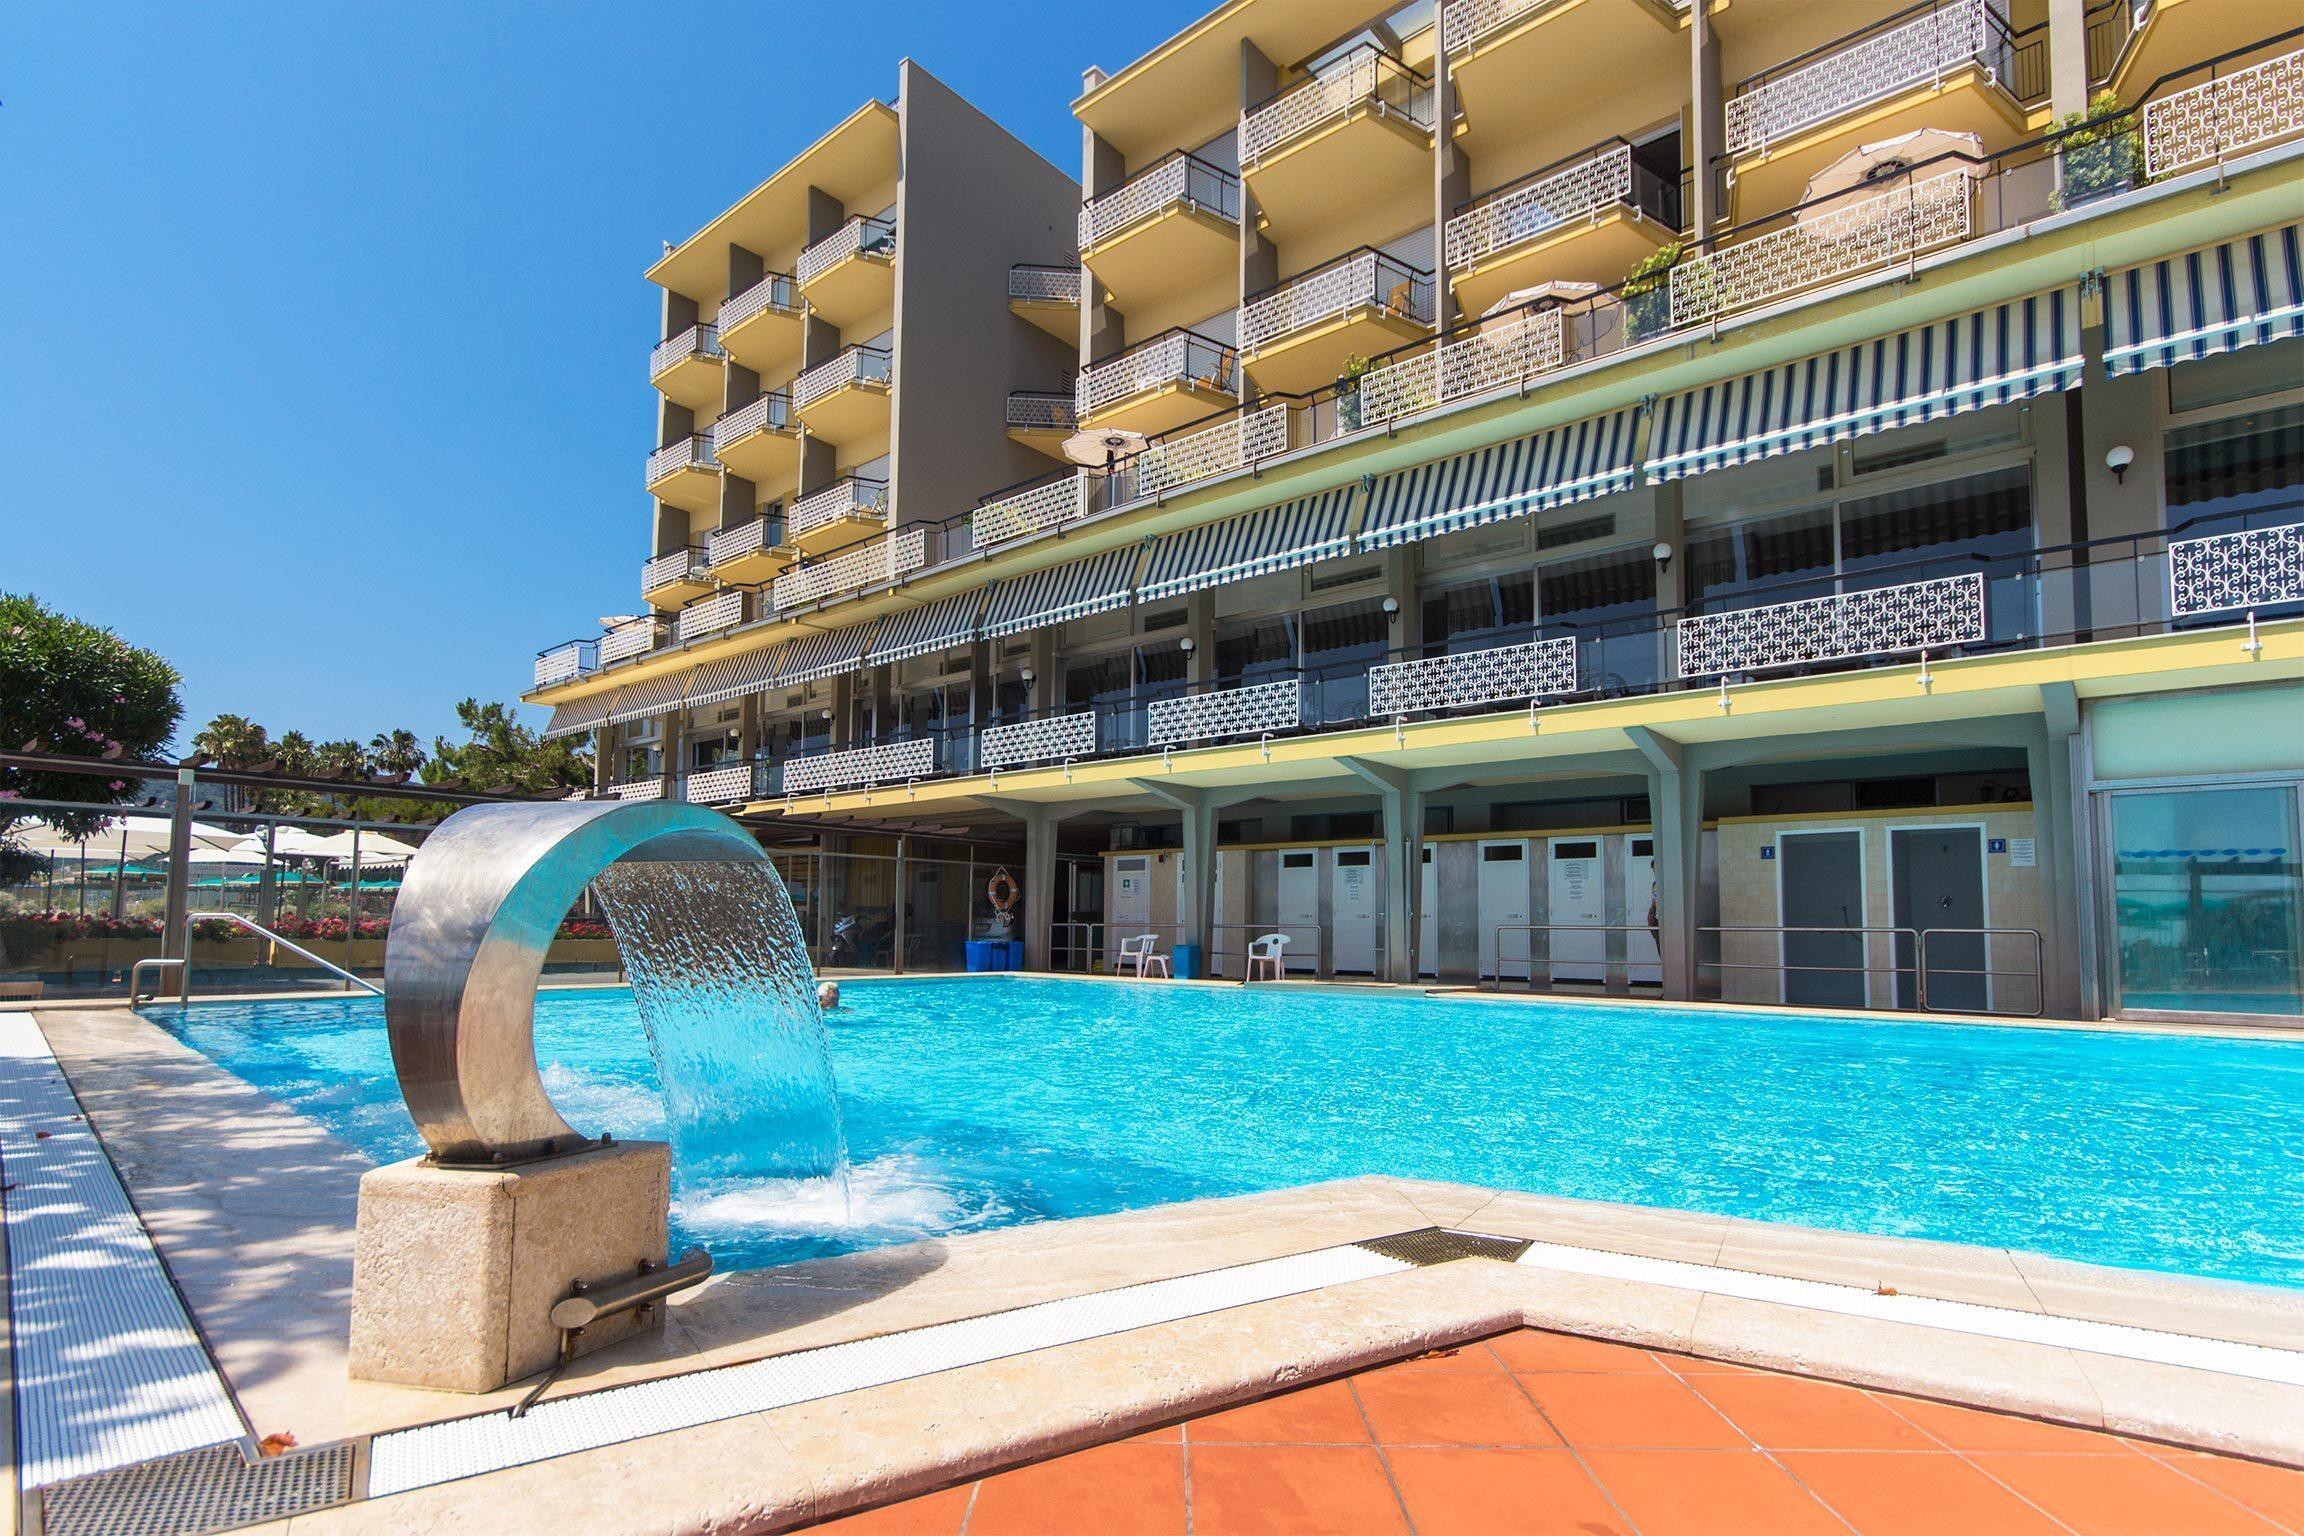 hotel con piscina a diano marina - piscina esterna